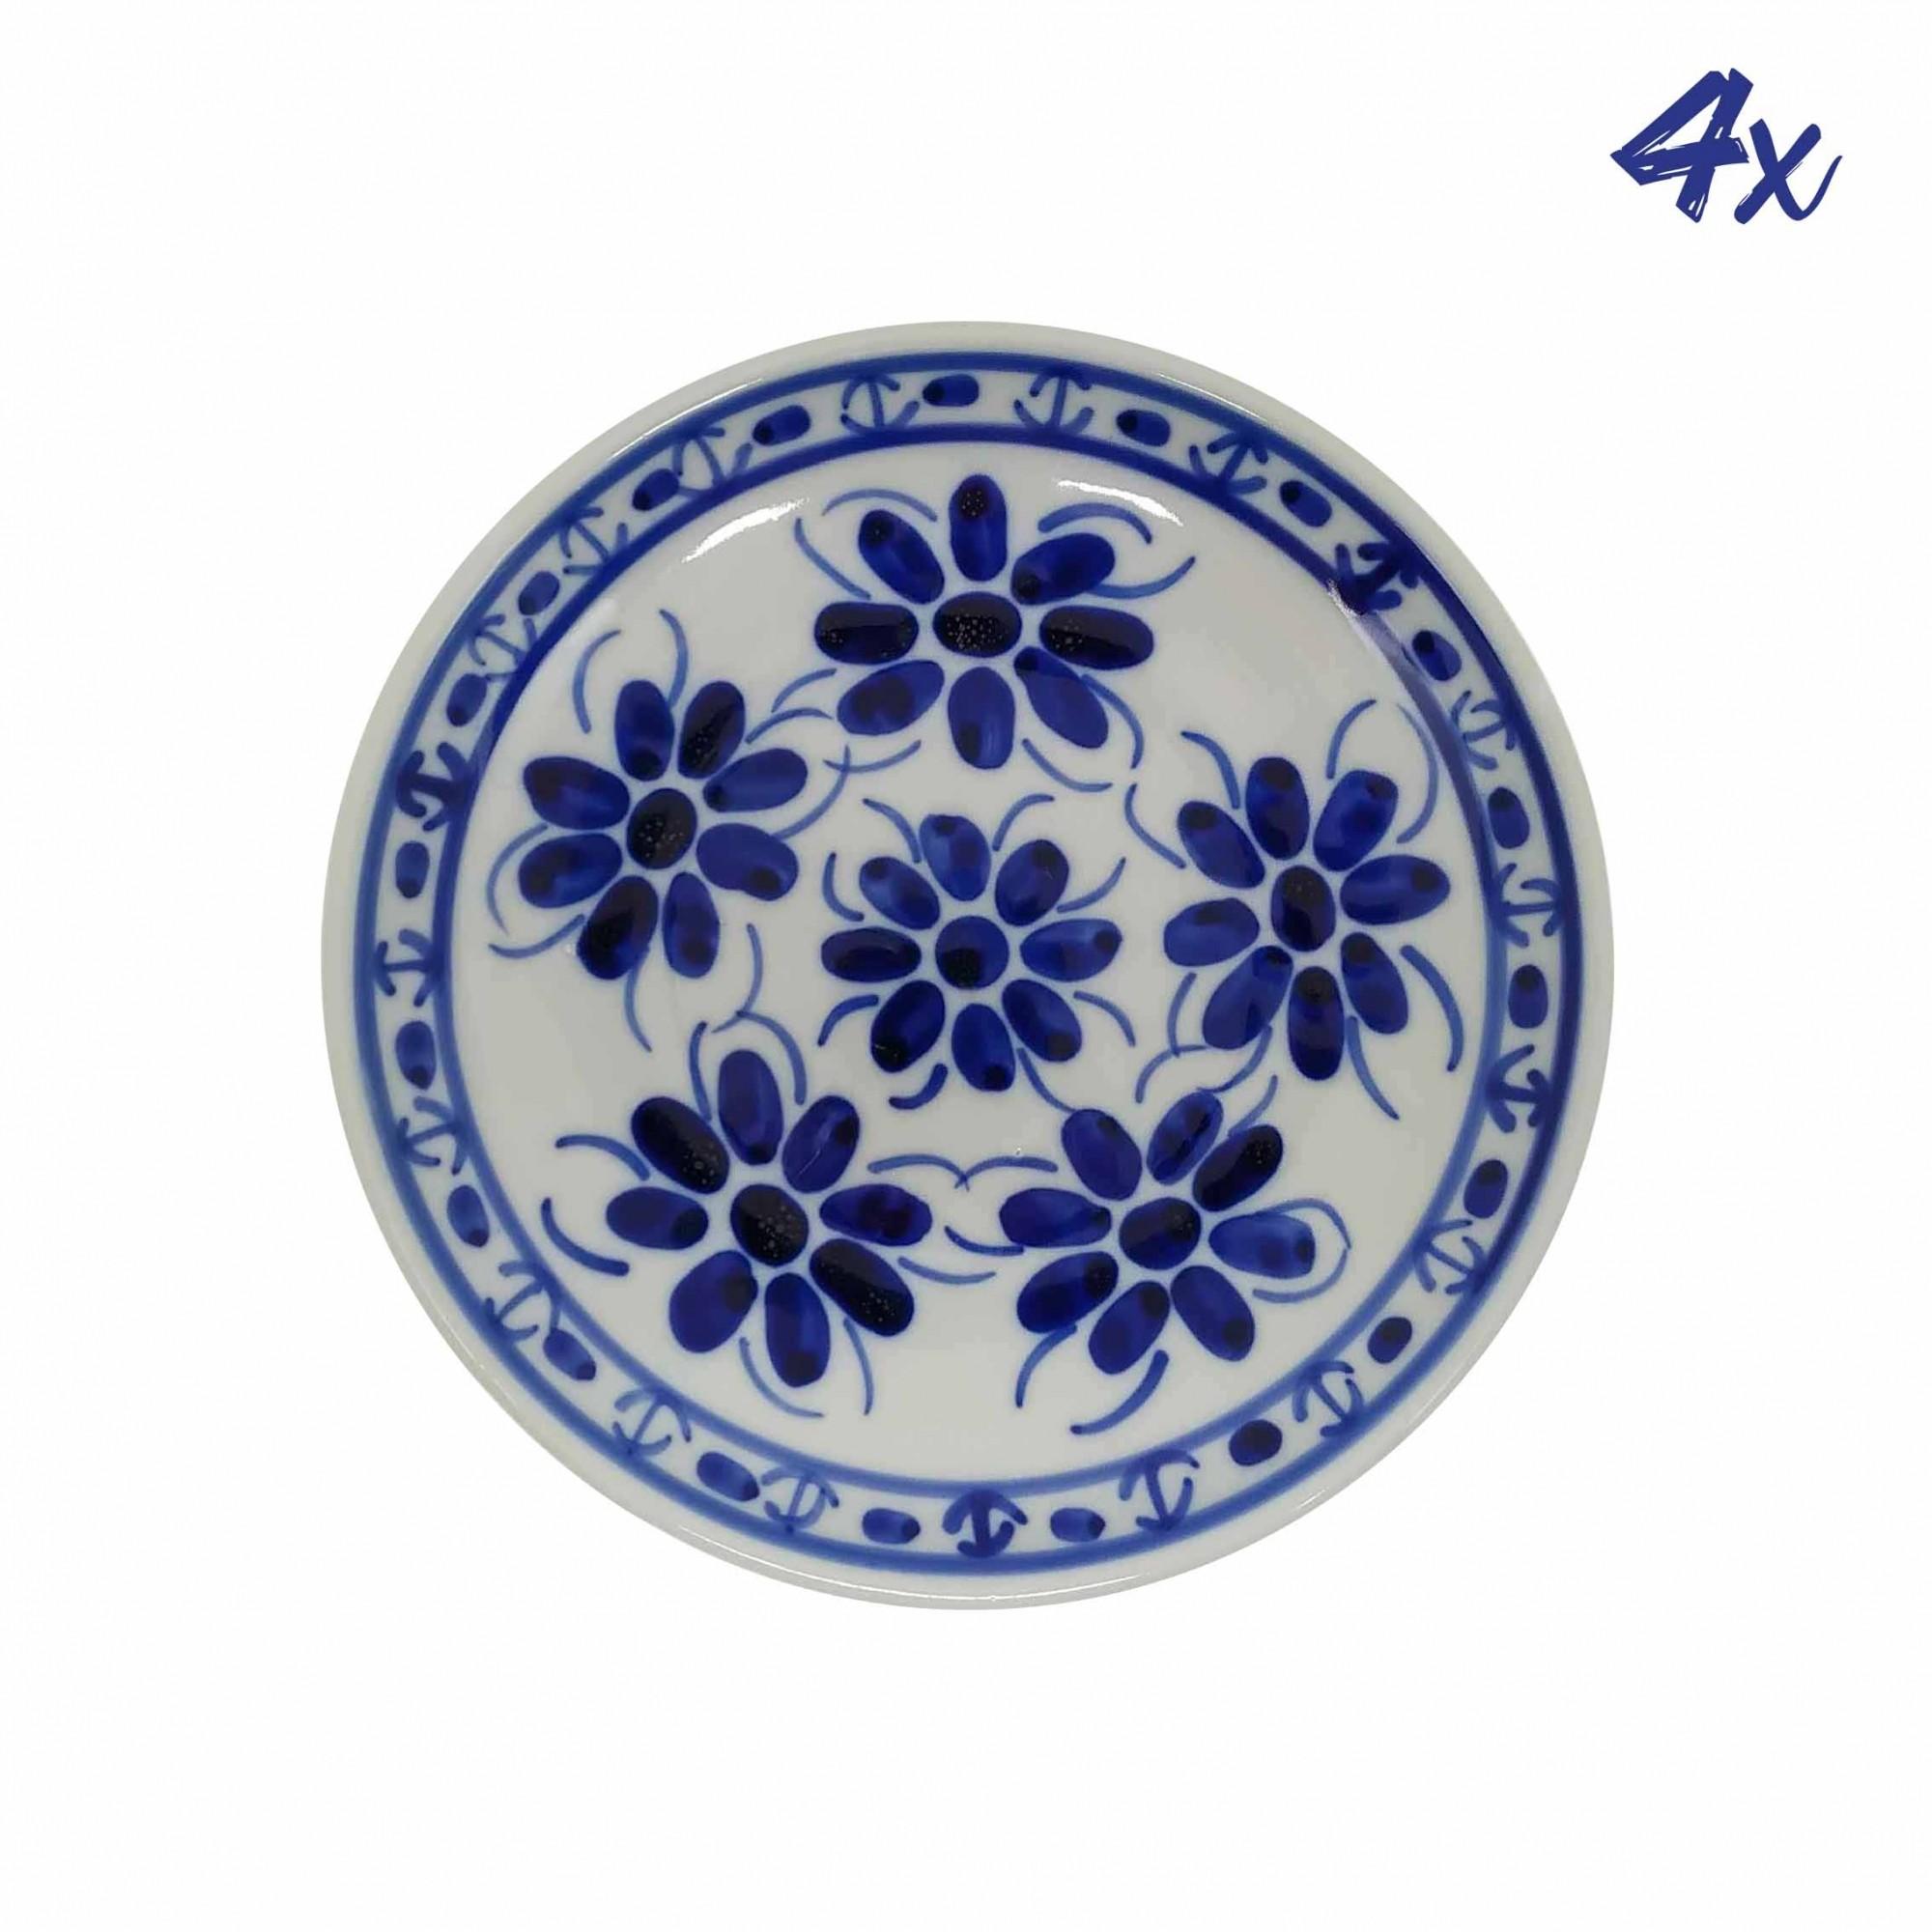 Jogo de 4 Pratos de Sobremesa 18,5 cm em Porcelana Azul Colonial